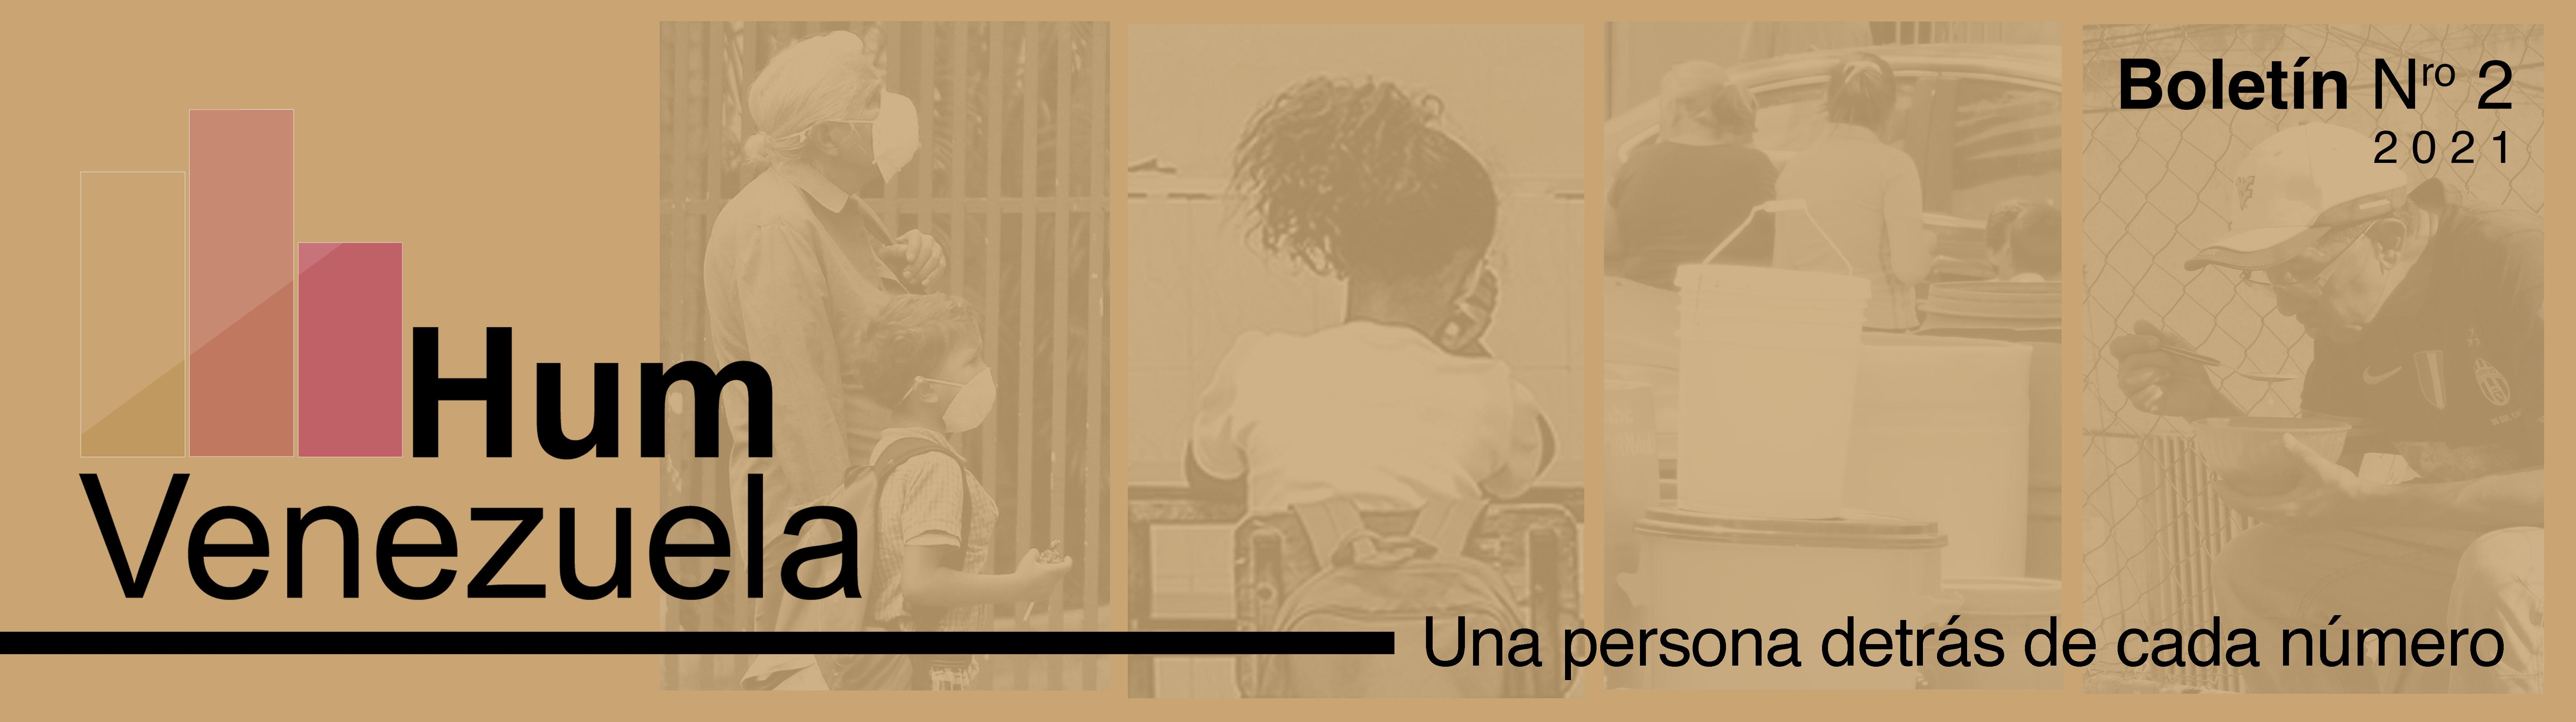 Cintillo_Boletín_HumVenezuela__2.jpg